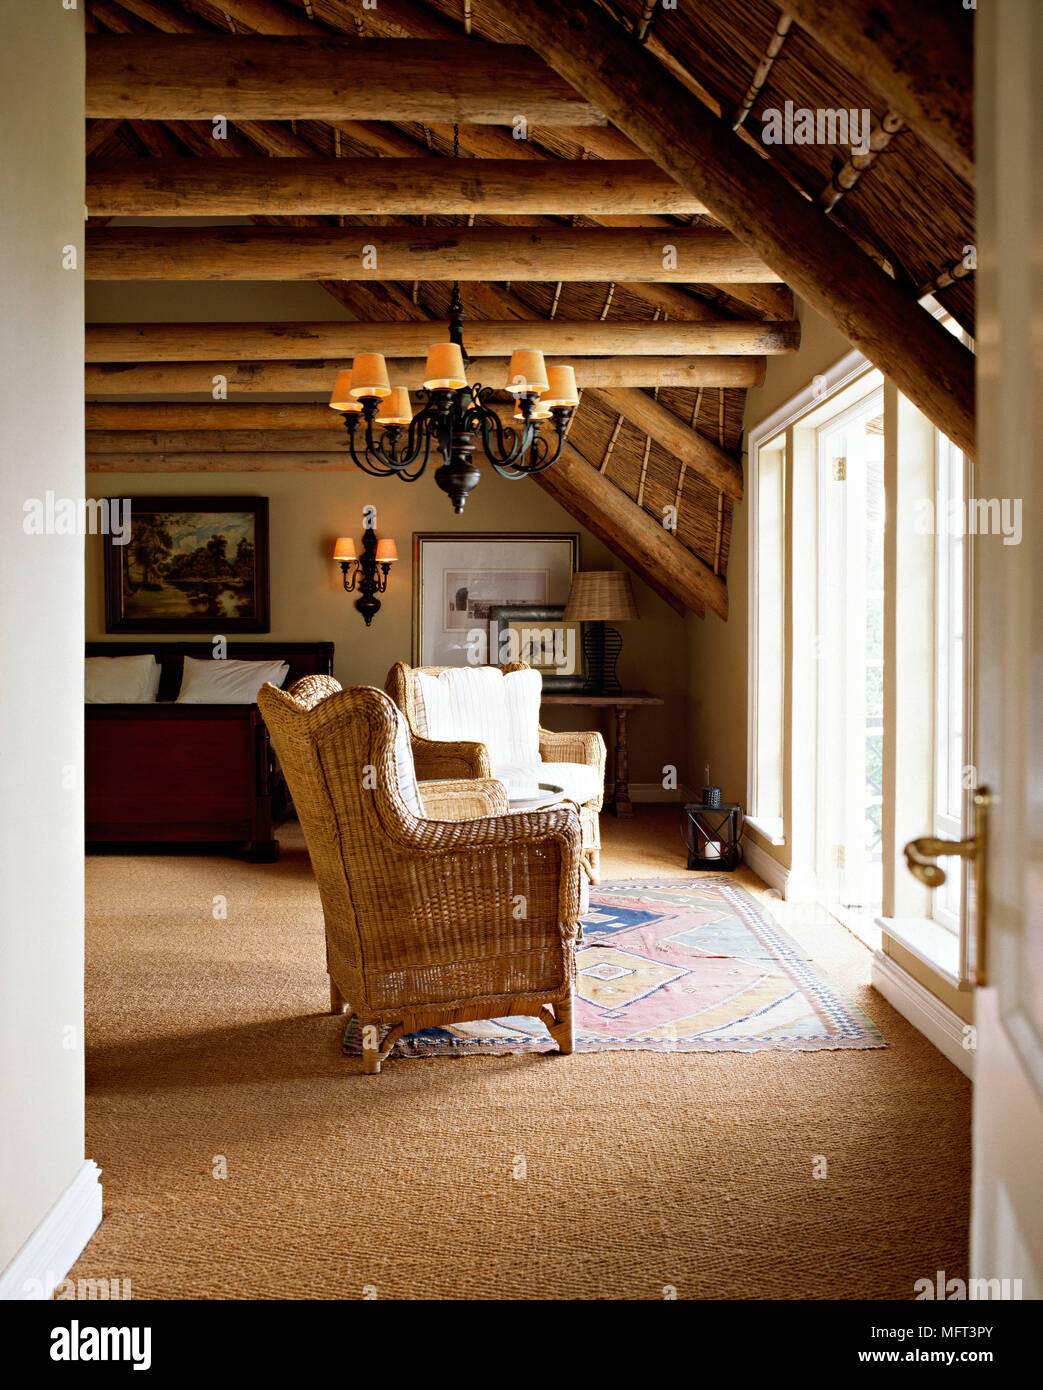 Dormitorio vigas de madera del techo inclinado de techo de paja ...